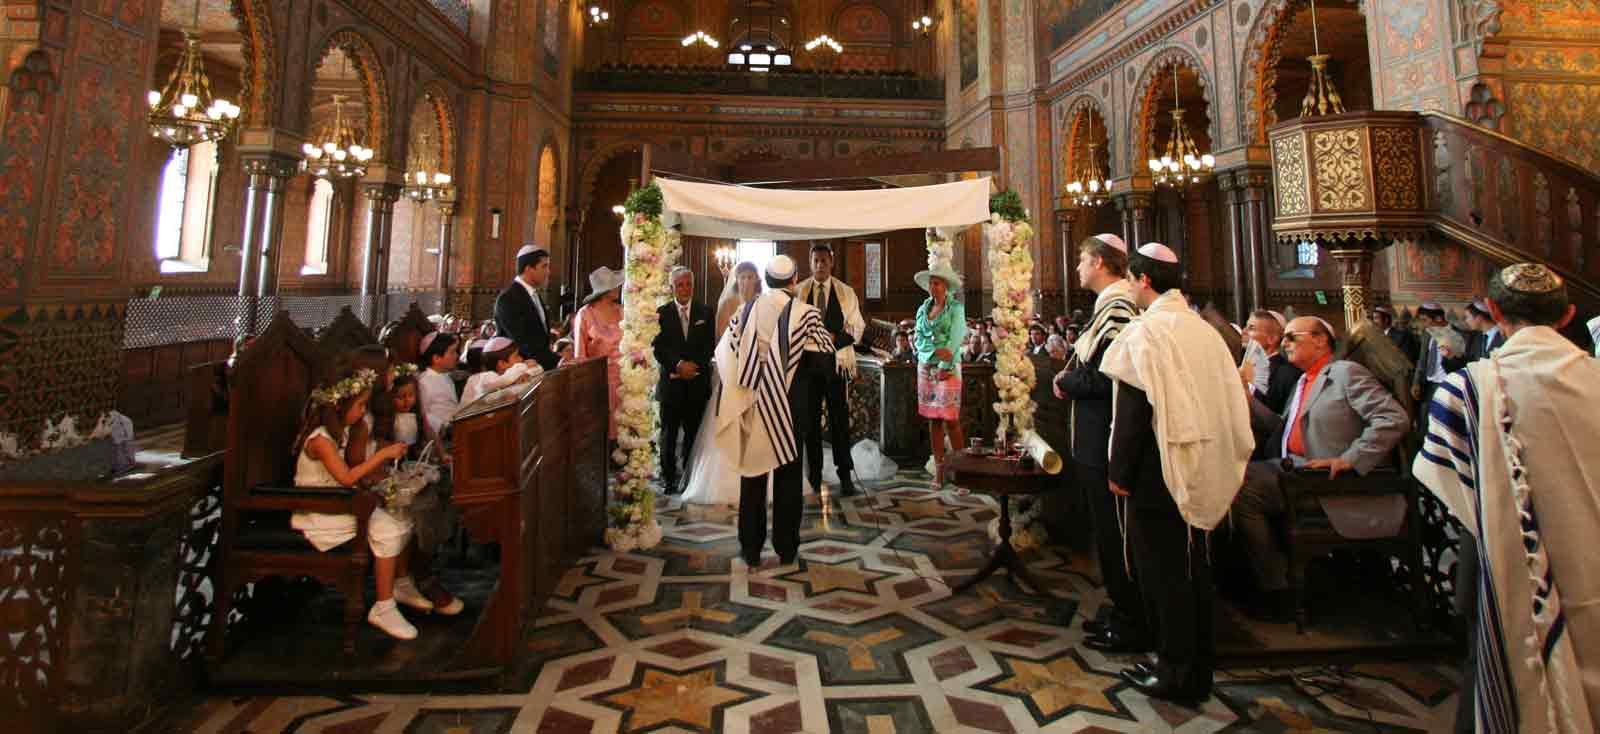 Wedding Ceremony Atheist Wedding Ceremony: Wedding Ceremonies In Italy: Civil Religious And Symbolic